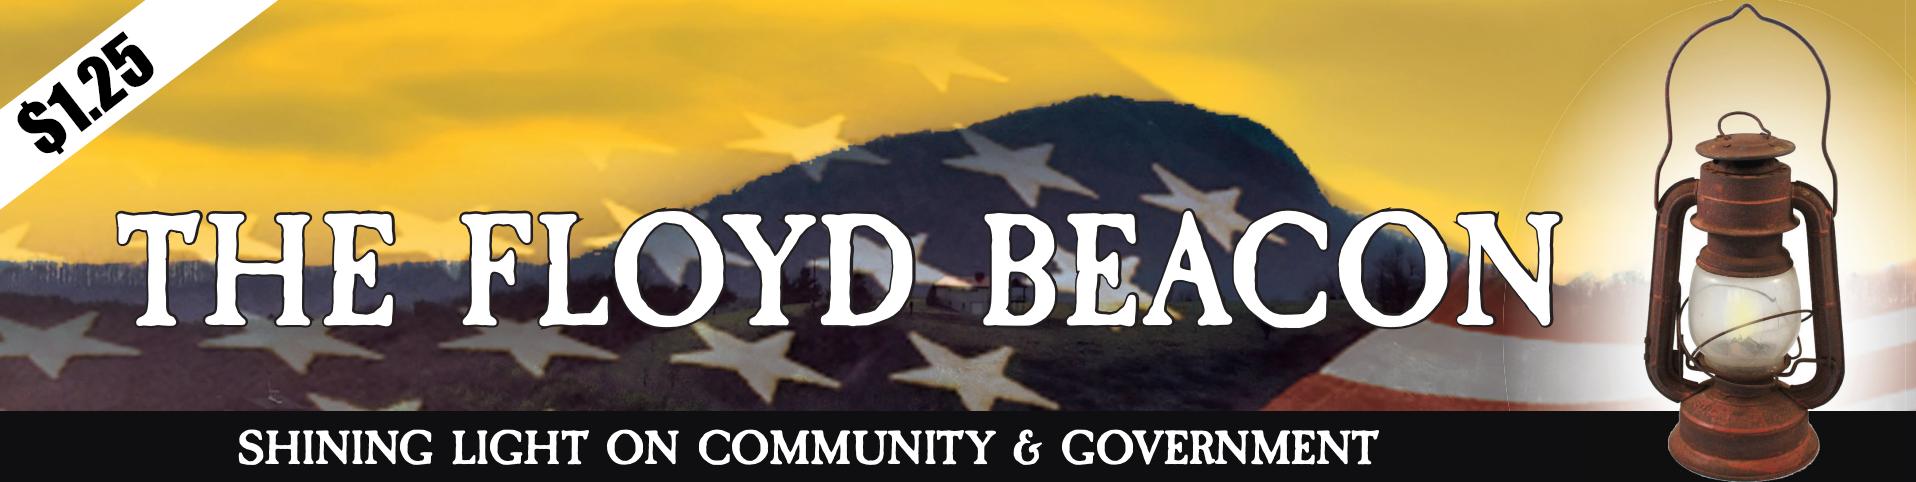 The Floyd Beacon